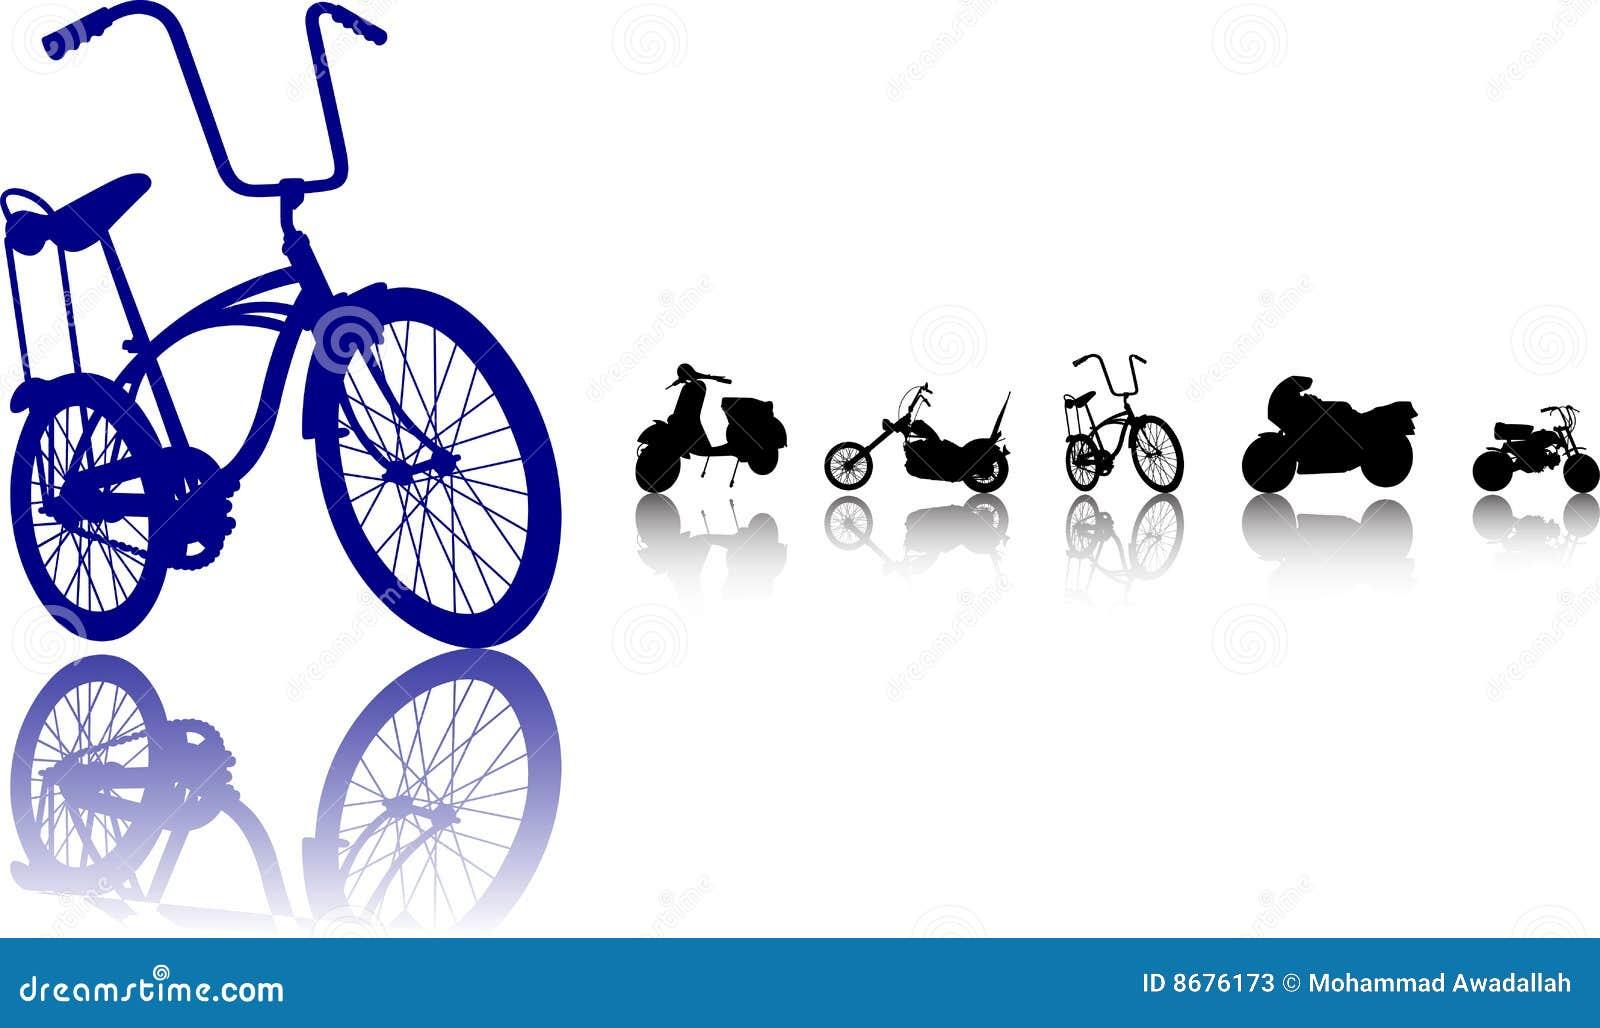 Rowery ustawiają sylwetkę